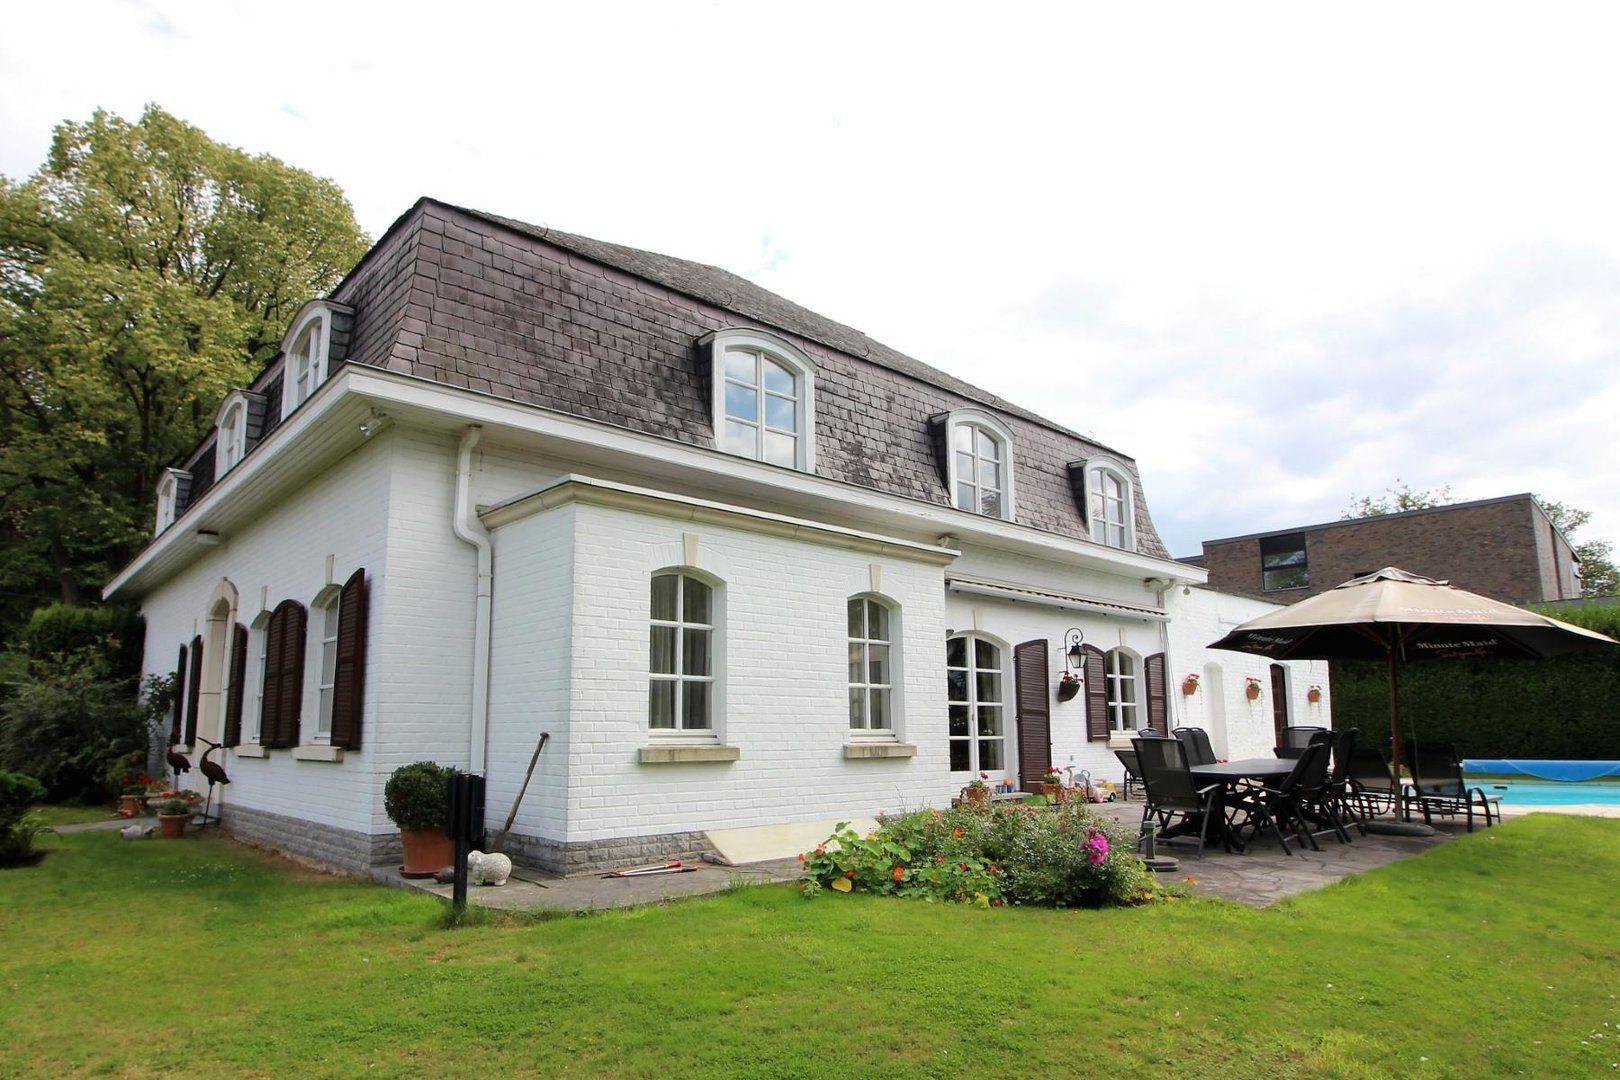 Maison vendre avenue baron fallon 58 5000 namur sur realo for Recherche maison acheter